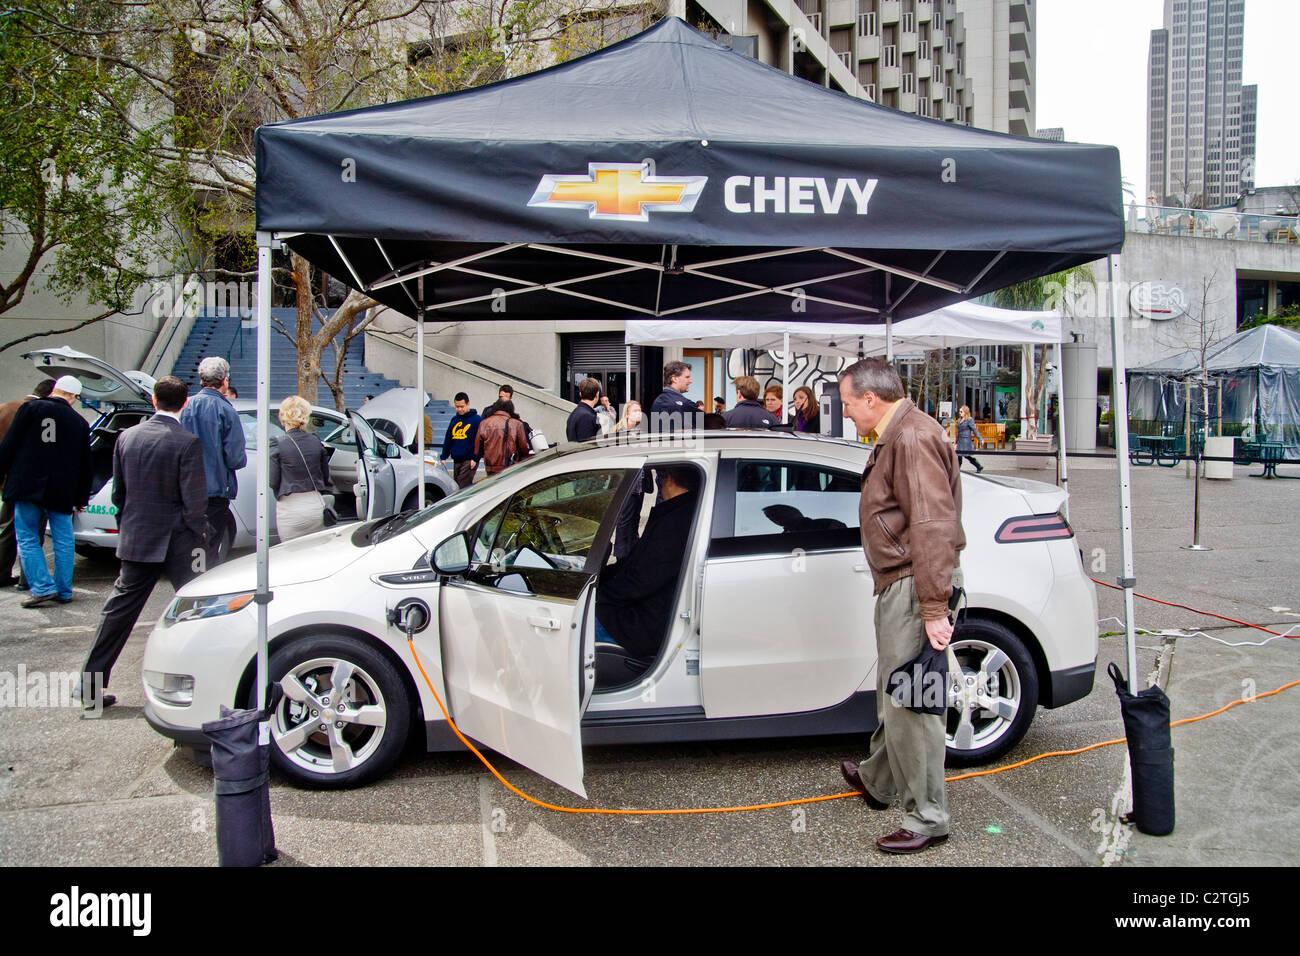 Ein Chevrolet Volt Hybrid Gas Elektro Auto Ist Auf Der Ausstellung Chevy In Embarcadero Center Innenstadt Von San Francisco